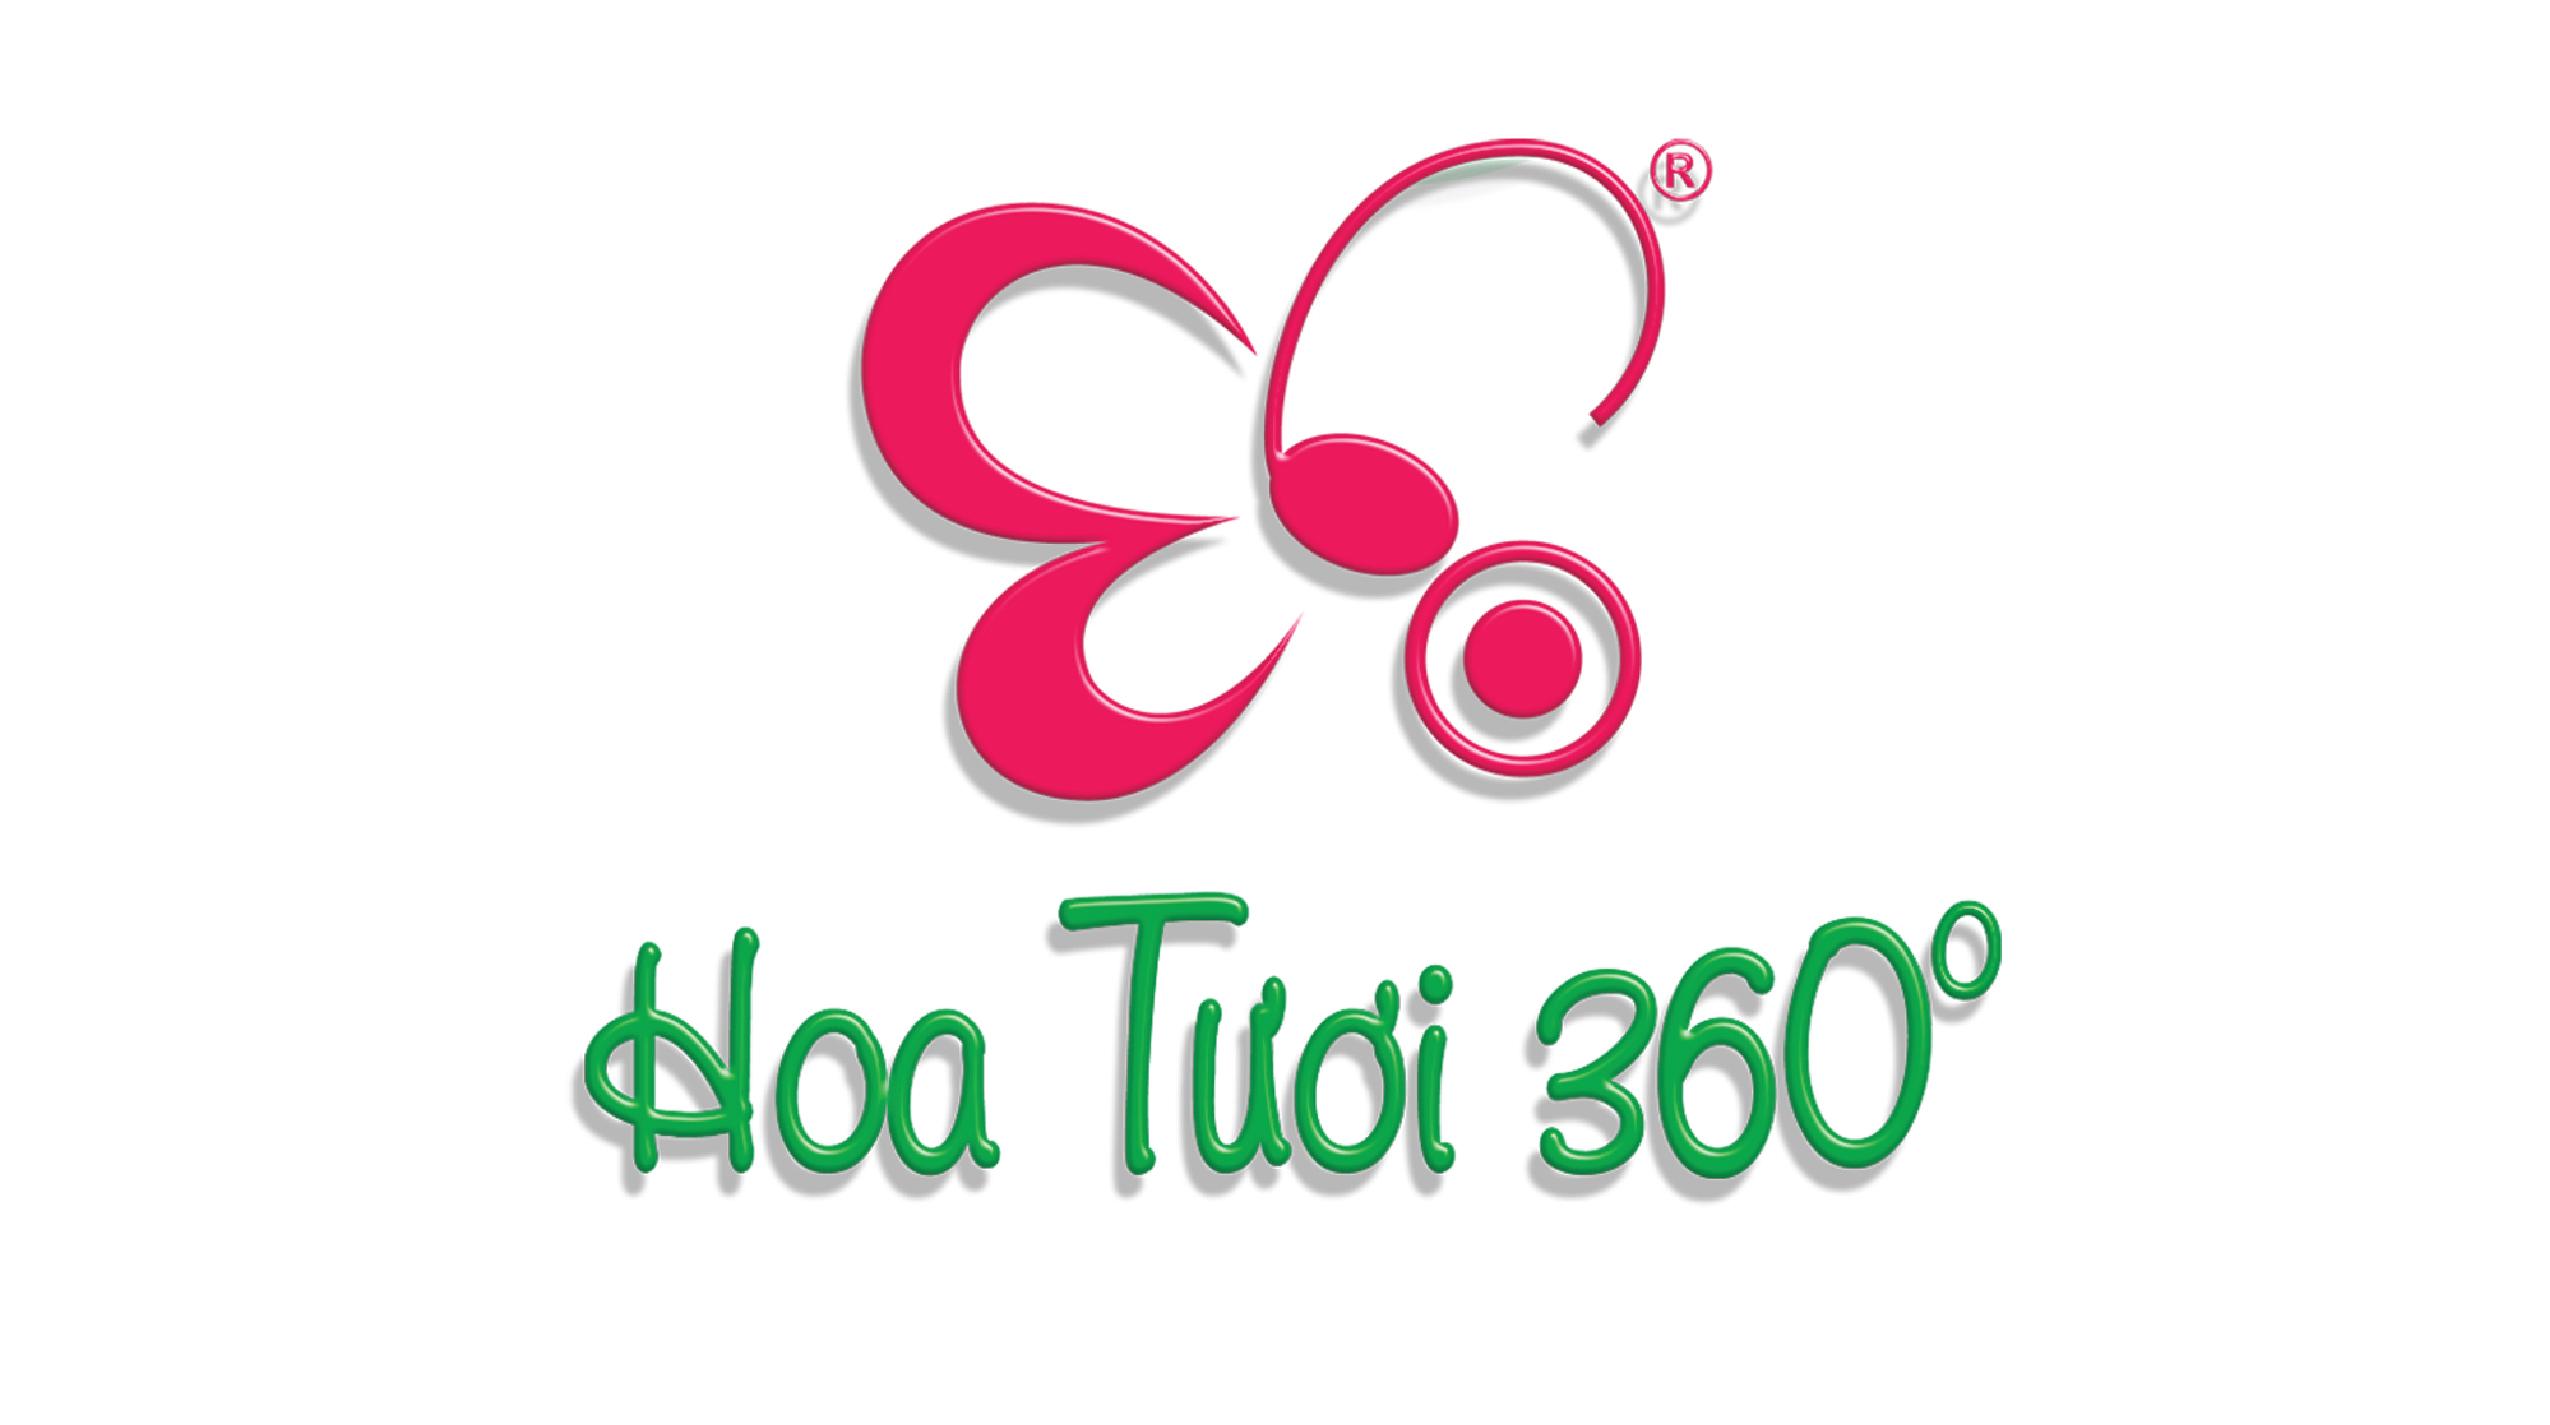 hoa-tuoi-360-do-30112018